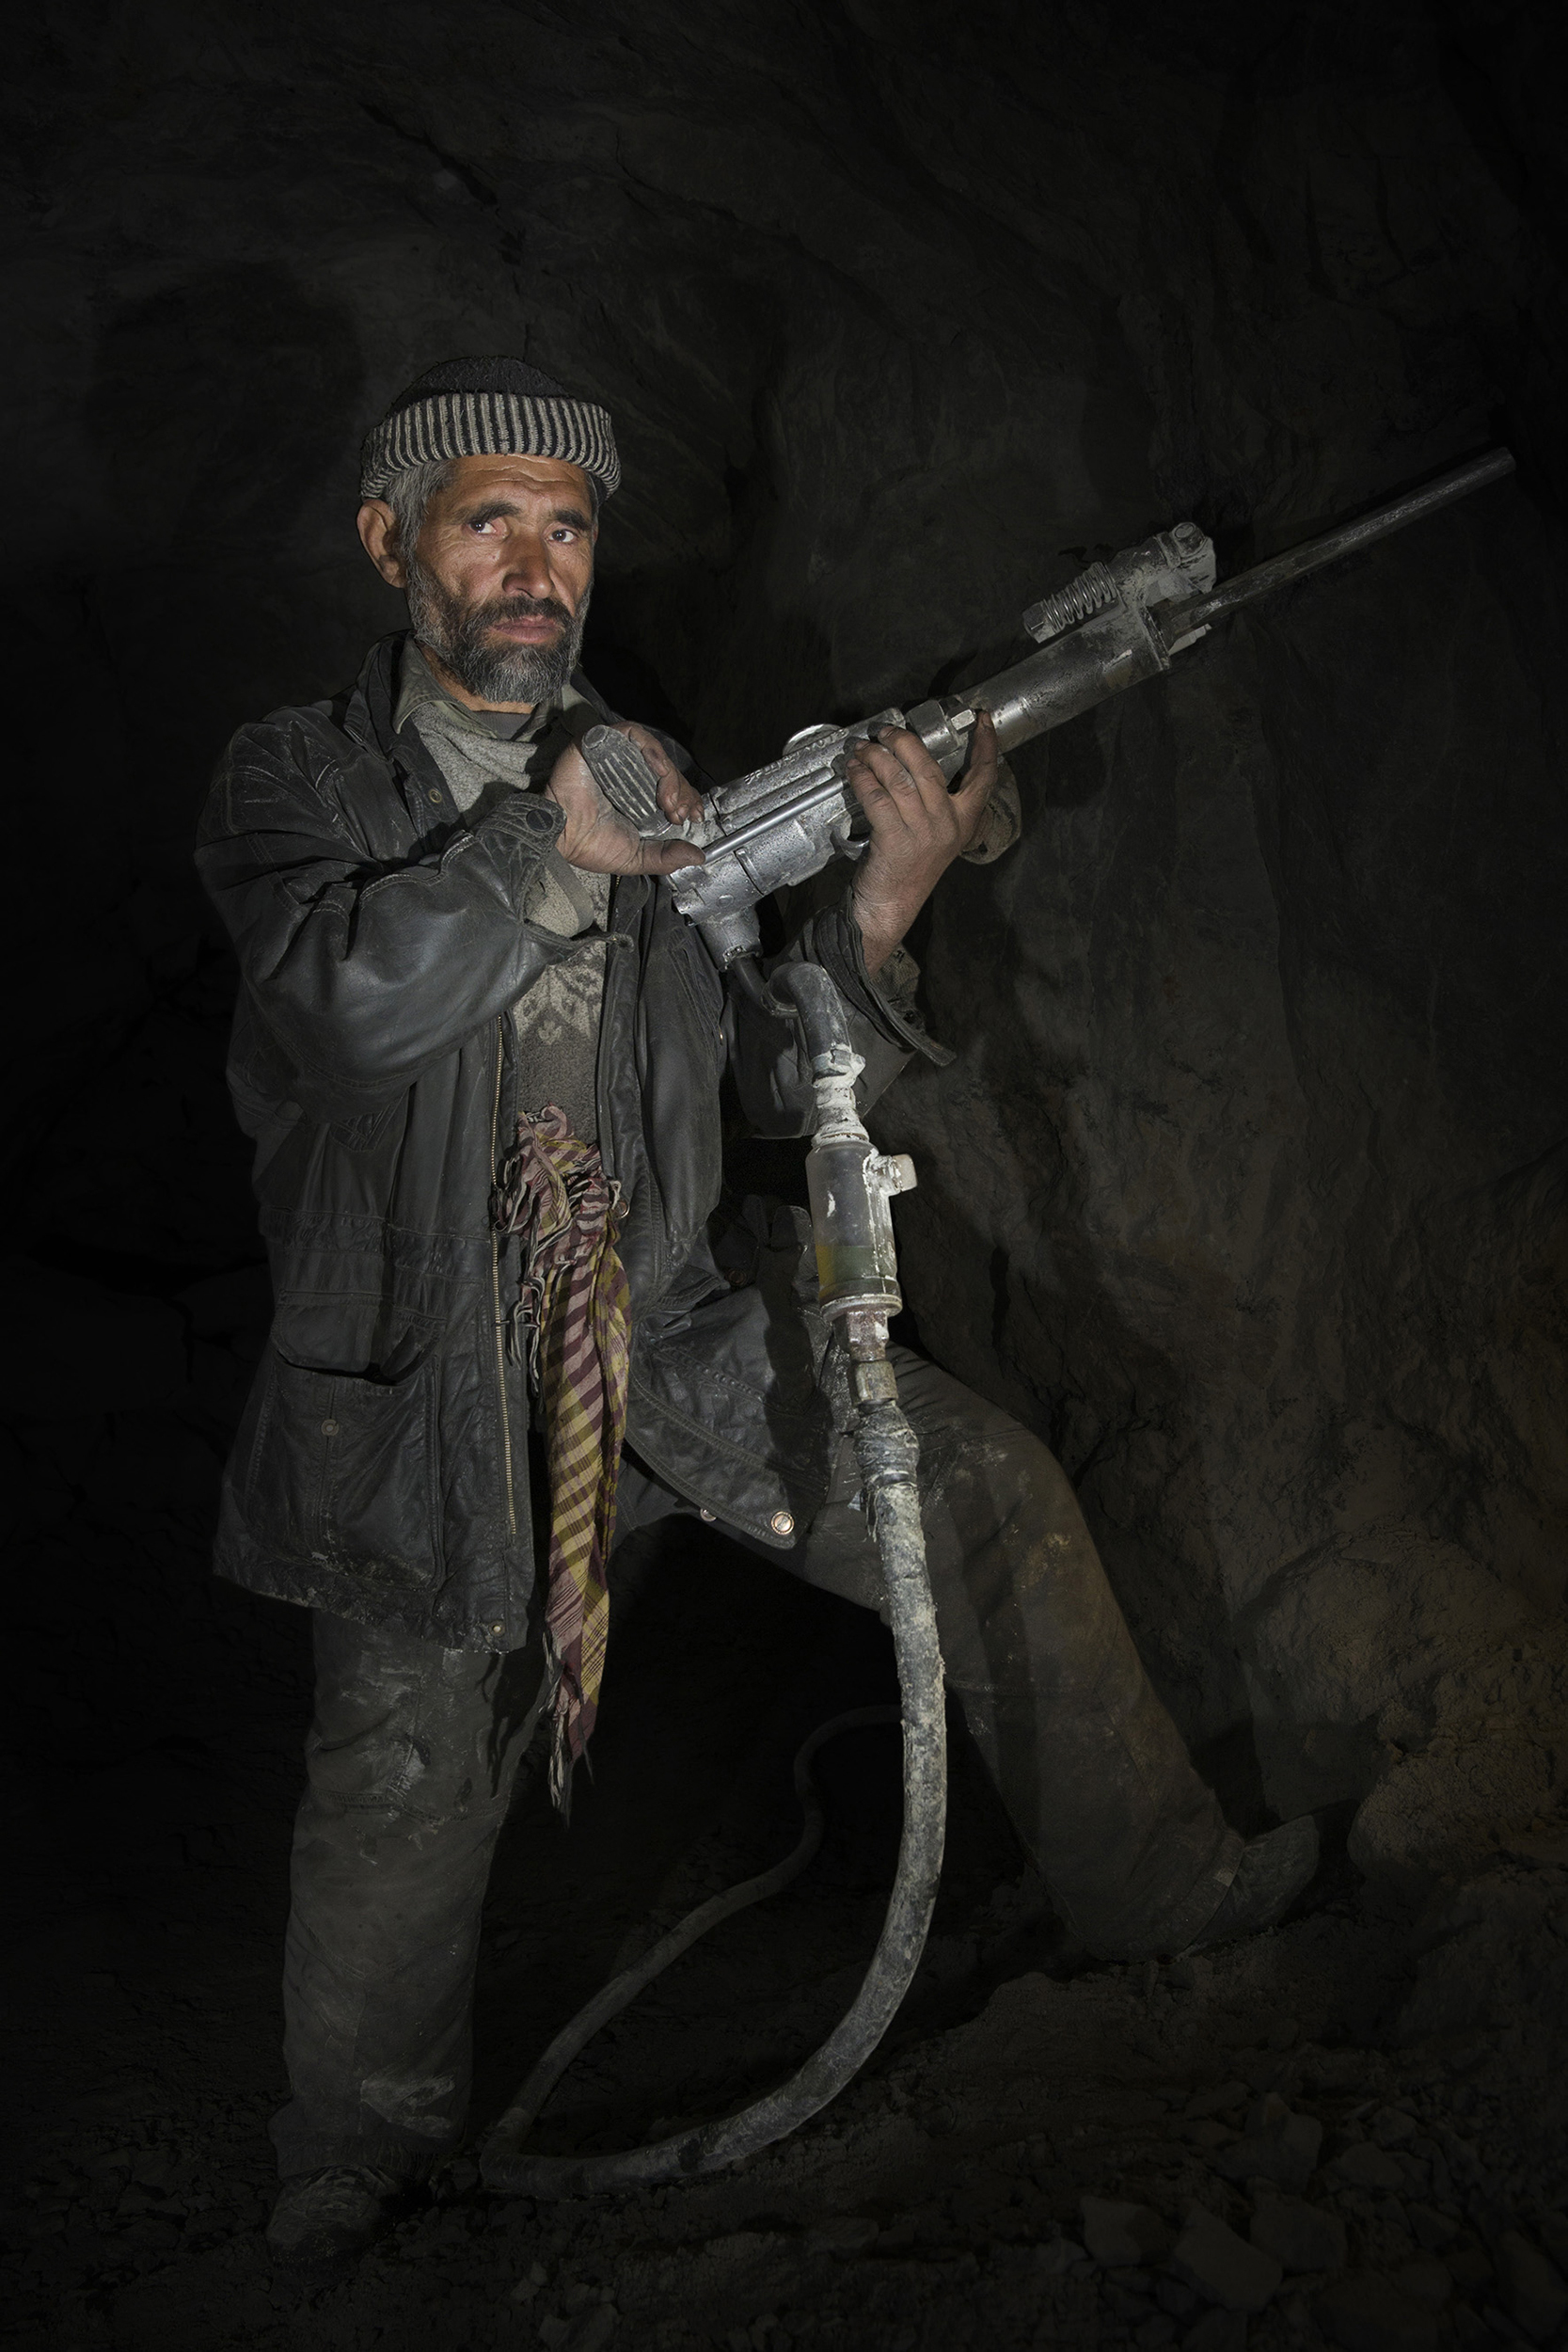 Gemstone Miner, Northern Pakistan, 2015